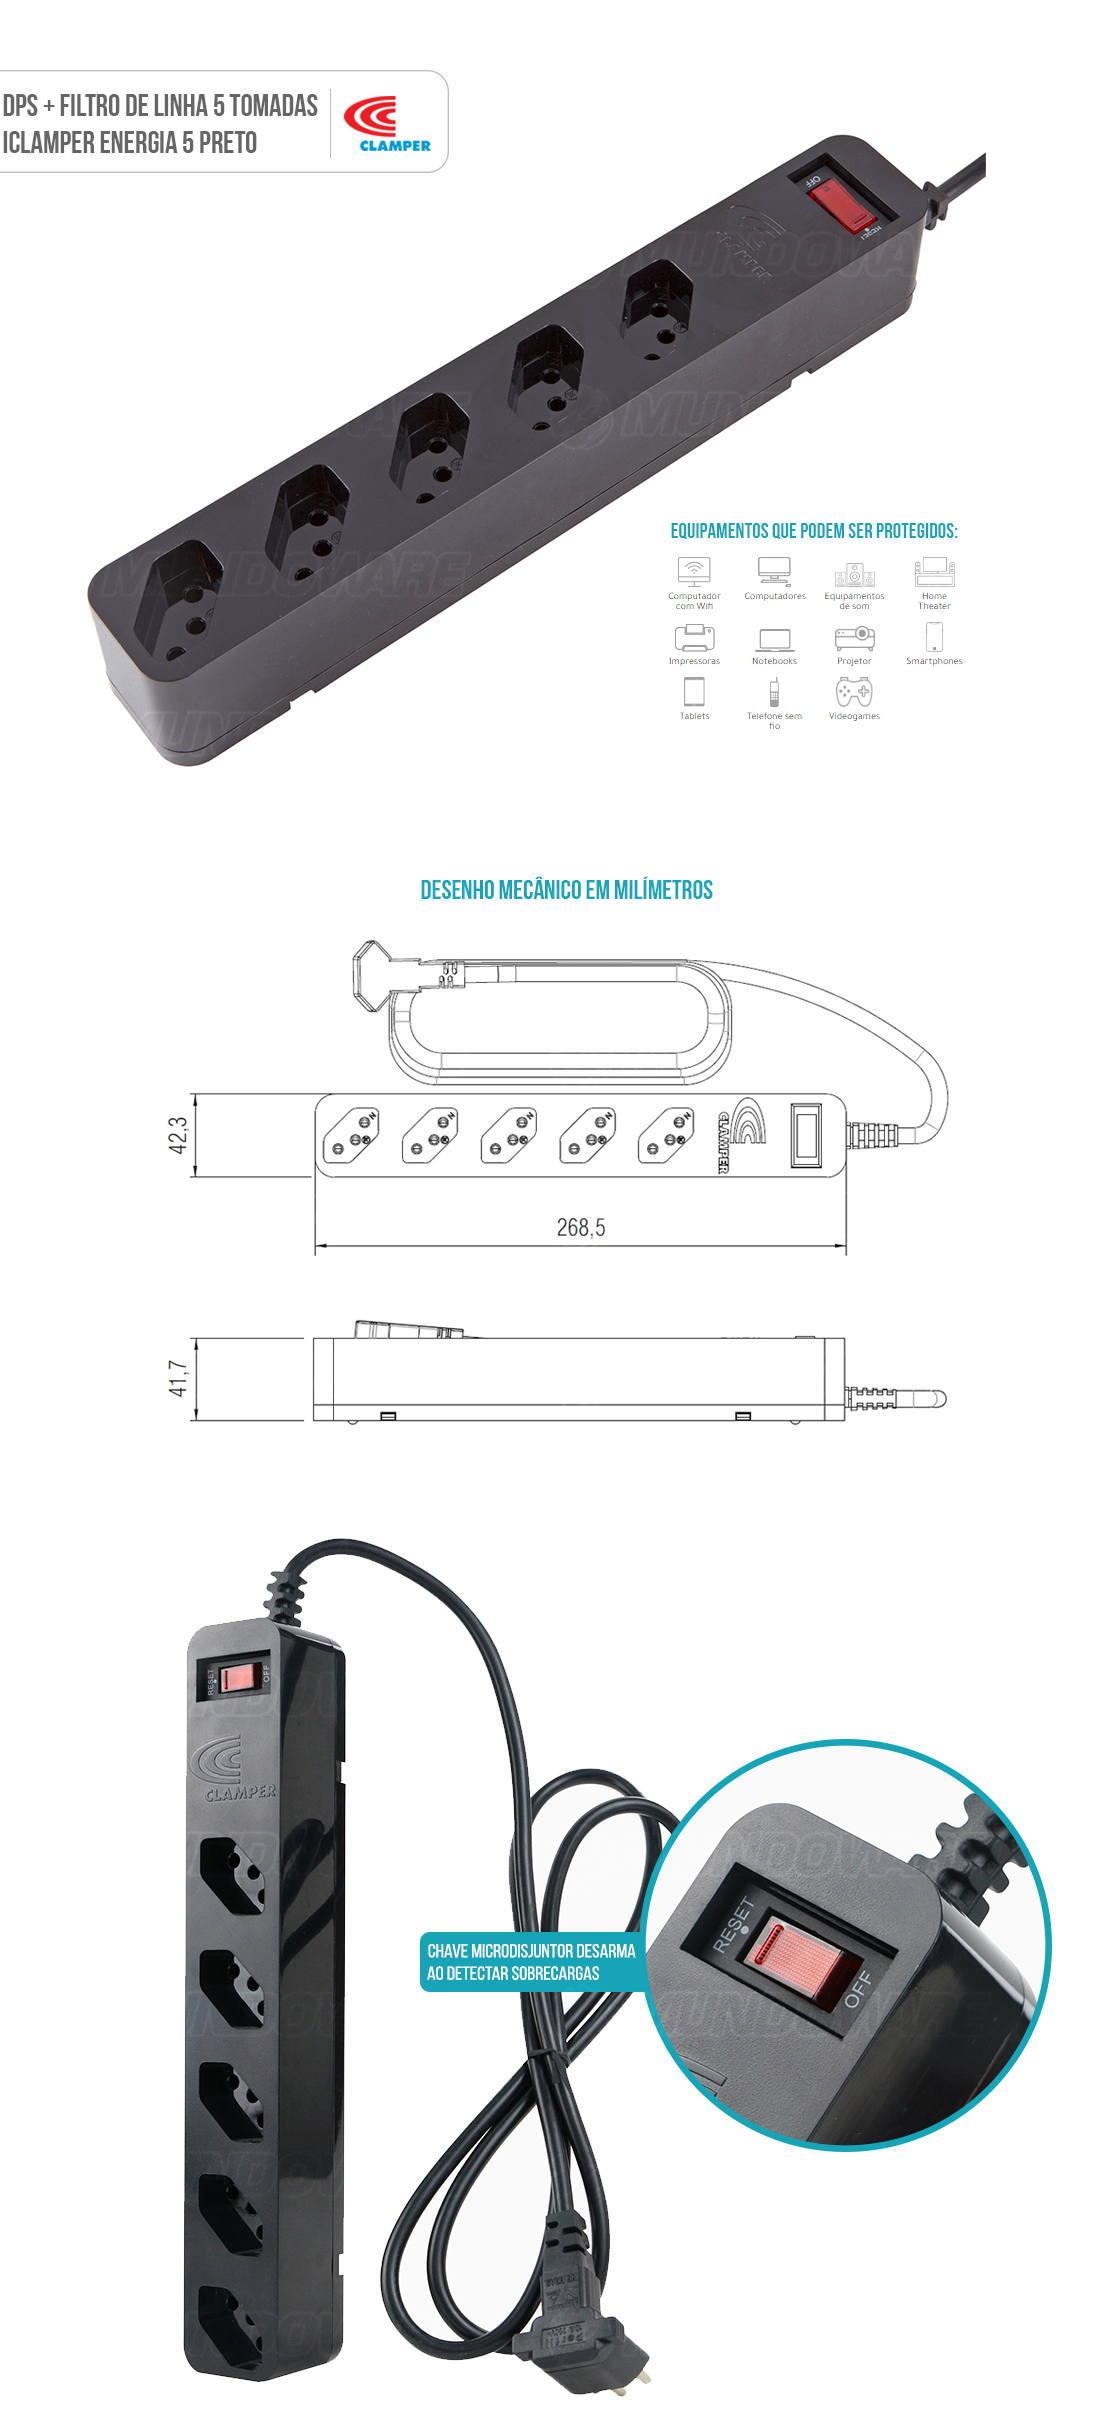 DPS + Filtro de Linha Bivolt 5 Tomadas Protege contra Sobrecarga Curto Surtos Elétricos Clamper Energia 5 Preto